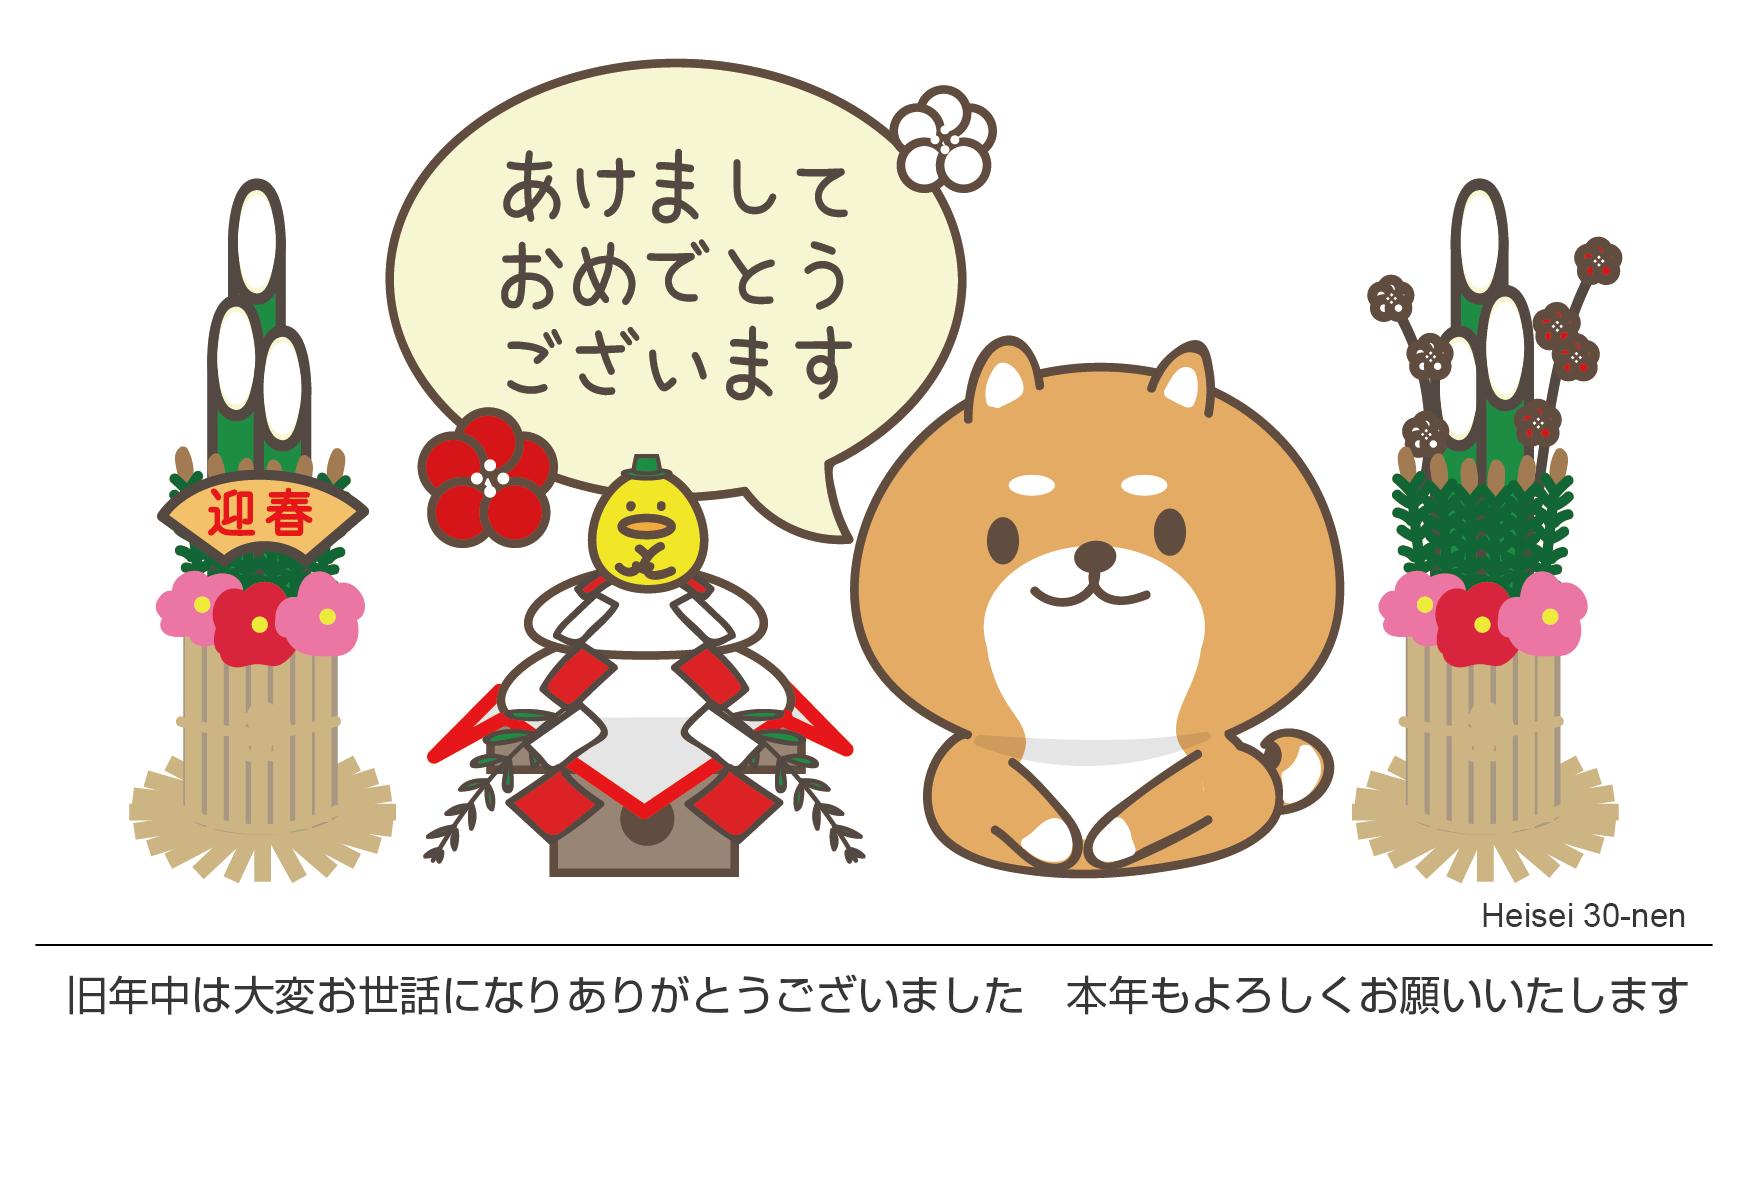 無料 2018年 ゆるかわ年賀状 柴犬 | 2019年 無料年賀状|lemon